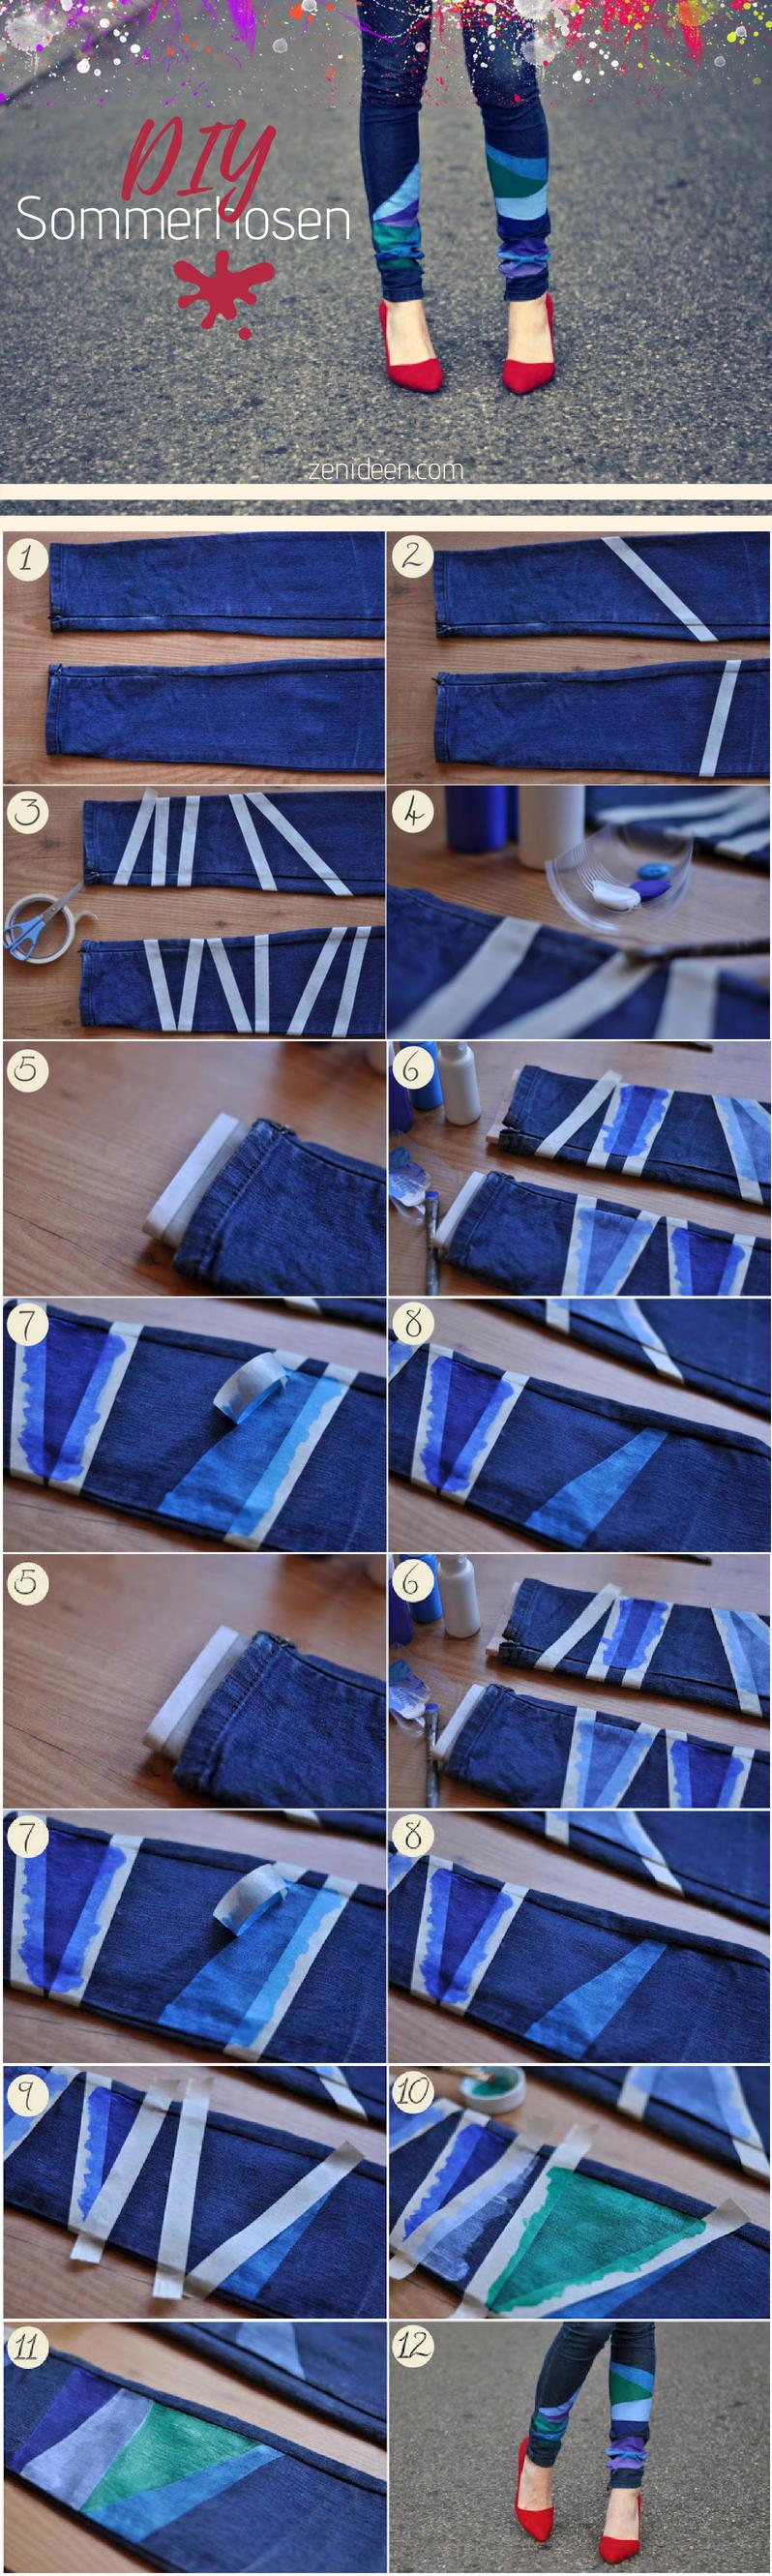 Werfen Sie auch einen Blick auf die anderen Anleitungen und ergreifen Sie die Möglichkeit Ihre alten Sommerhosen zu verschönern!